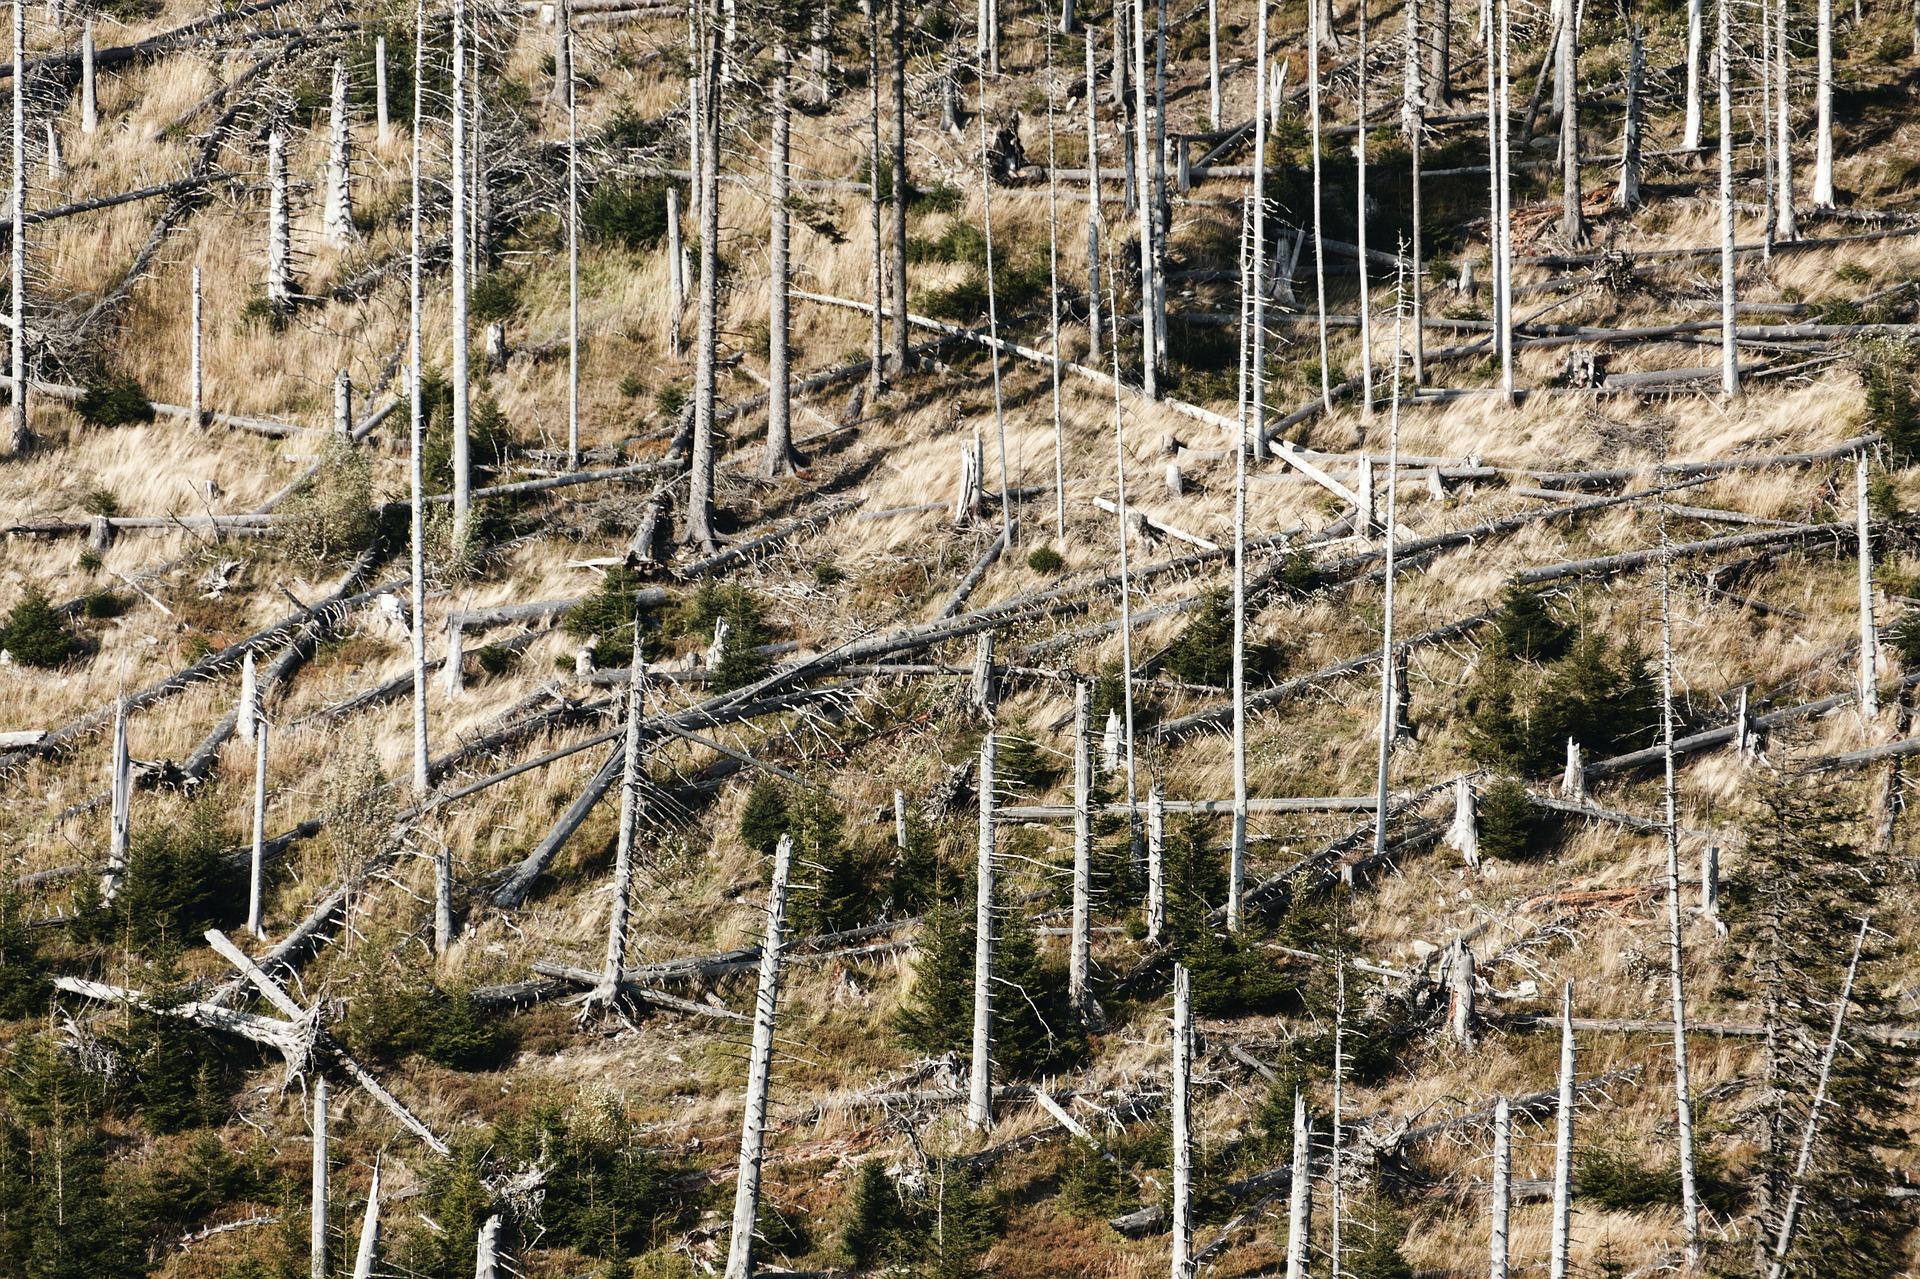 Förderung der Schadensbewältigung im Wald: Programm wird fortgesetzt